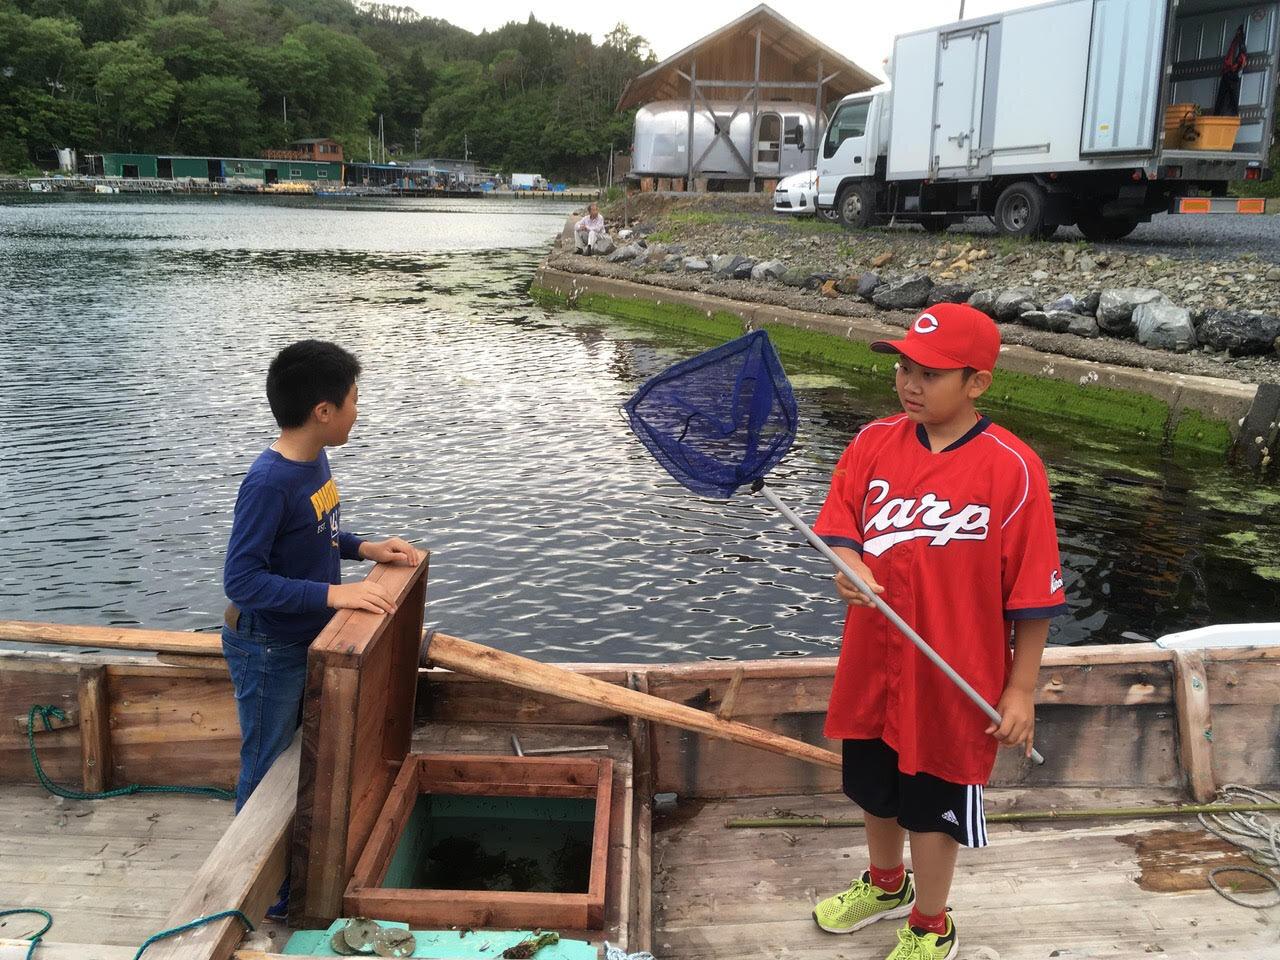 その坊やも大きくなって、畠山さんのお孫さんと木造船で遊ぶ。毎年の植樹祭で気仙沼に家族で訪れるのは里帰りのよう